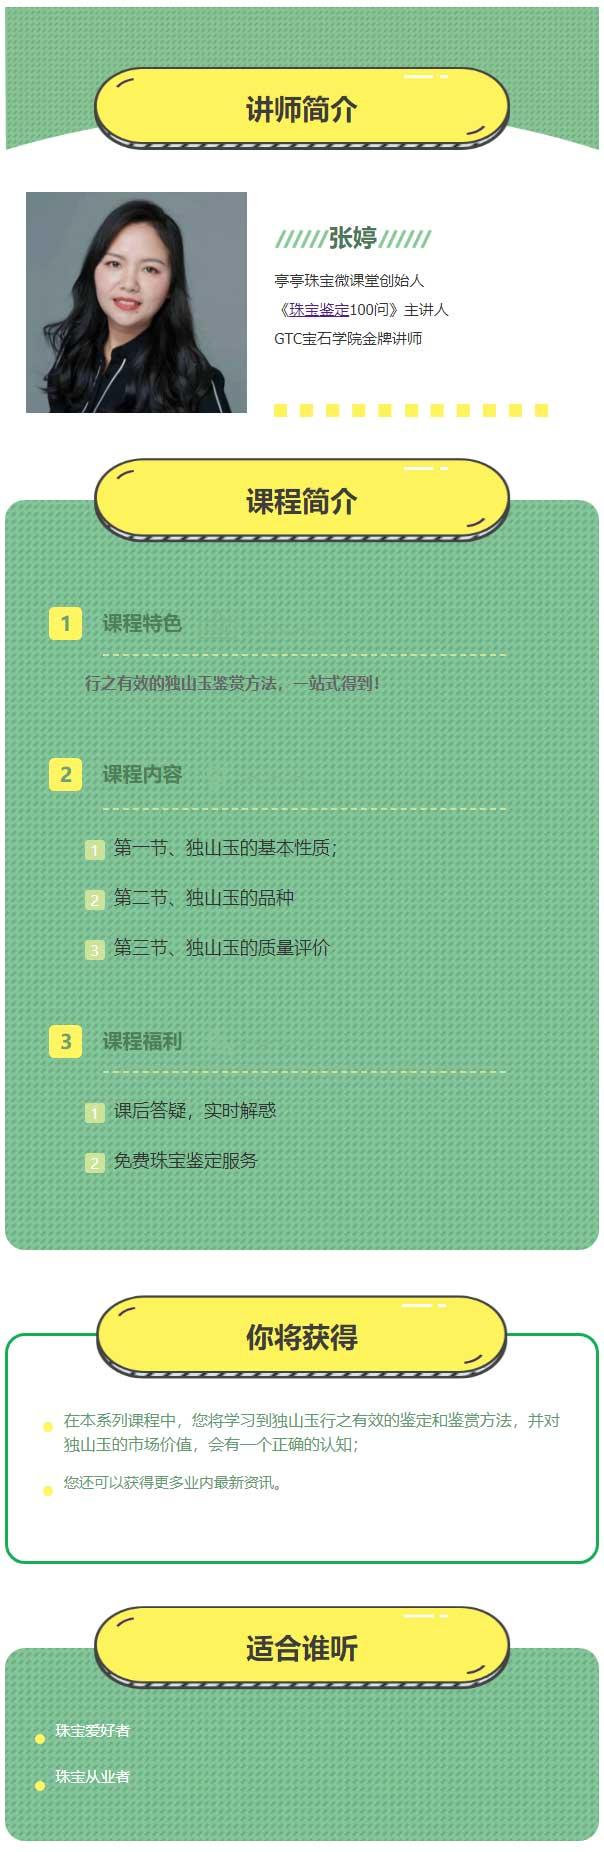 独山玉鉴定与商贸课程---珠宝玉石鉴定师培训学校-翡翠和田课程学习班-GTC宝石学院(北京)